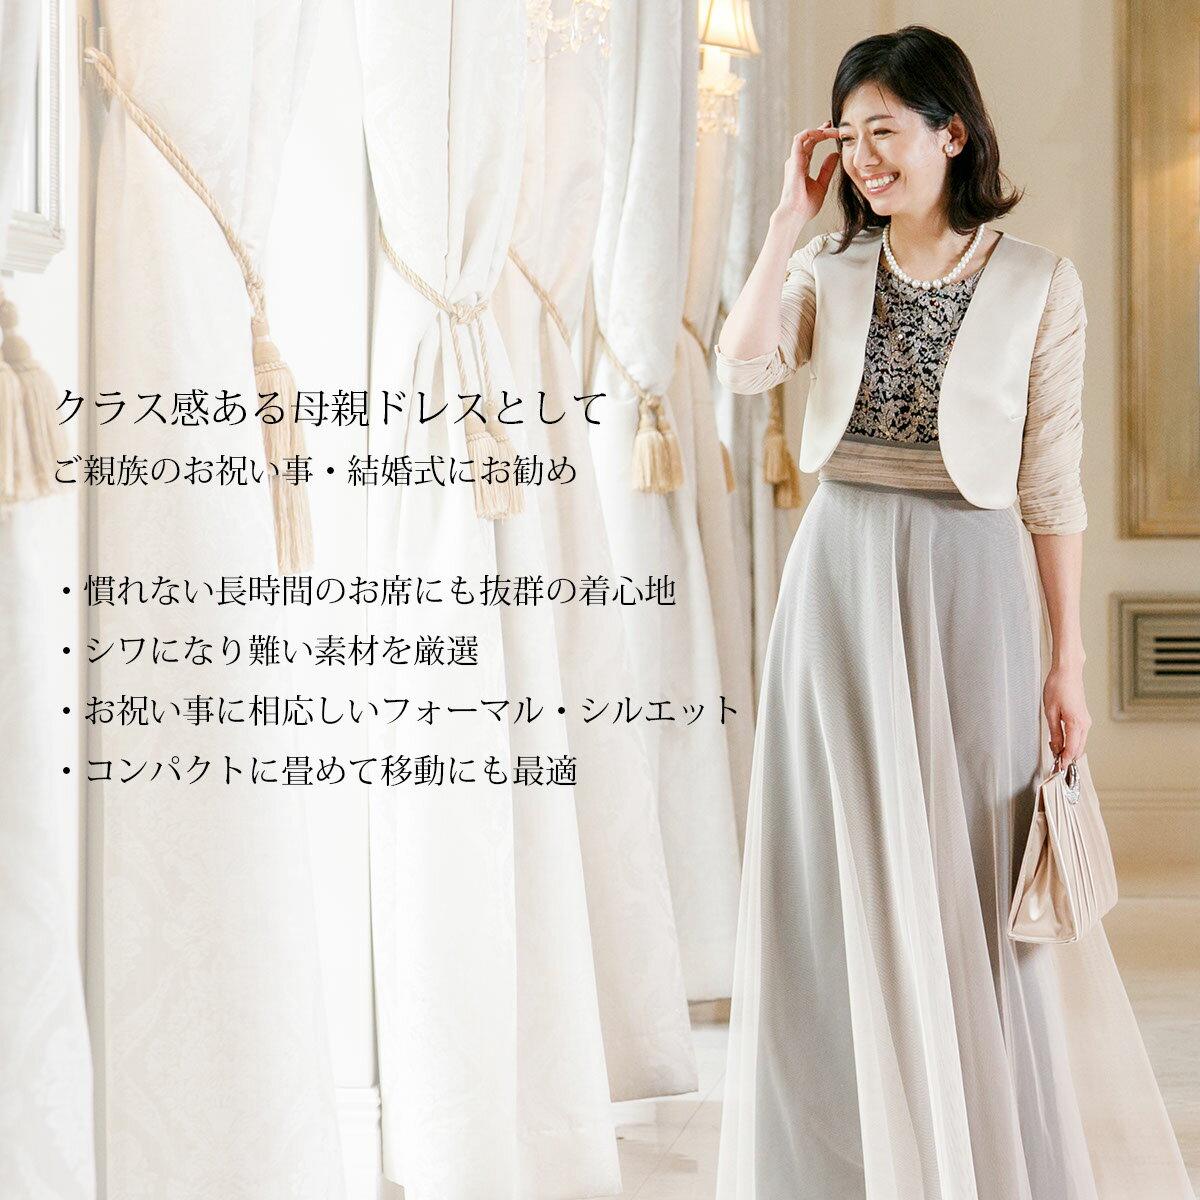 チュールAライン ロングドレス 演奏会 発表会 ステージドレス 大きいサイズ 赤 黒 青 シャンパン ベージュ 二次会 花嫁 着やすい パーティードレスFD-180086